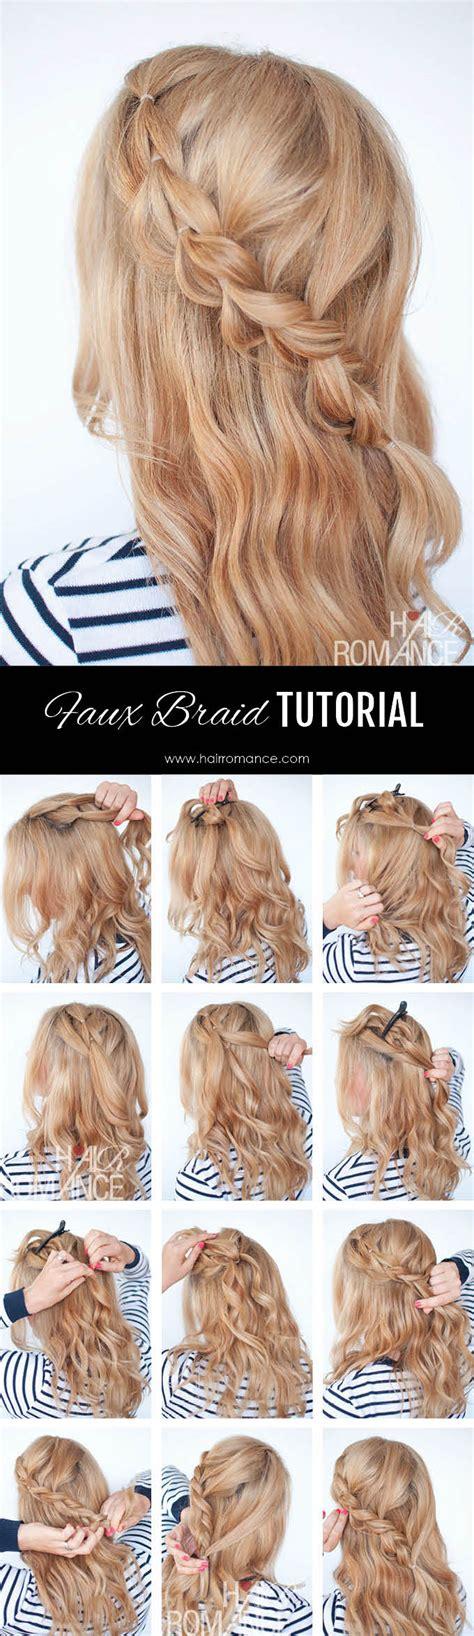 how to do the twist braid step by step the no braid braid 5 pull through braid tutorials hair